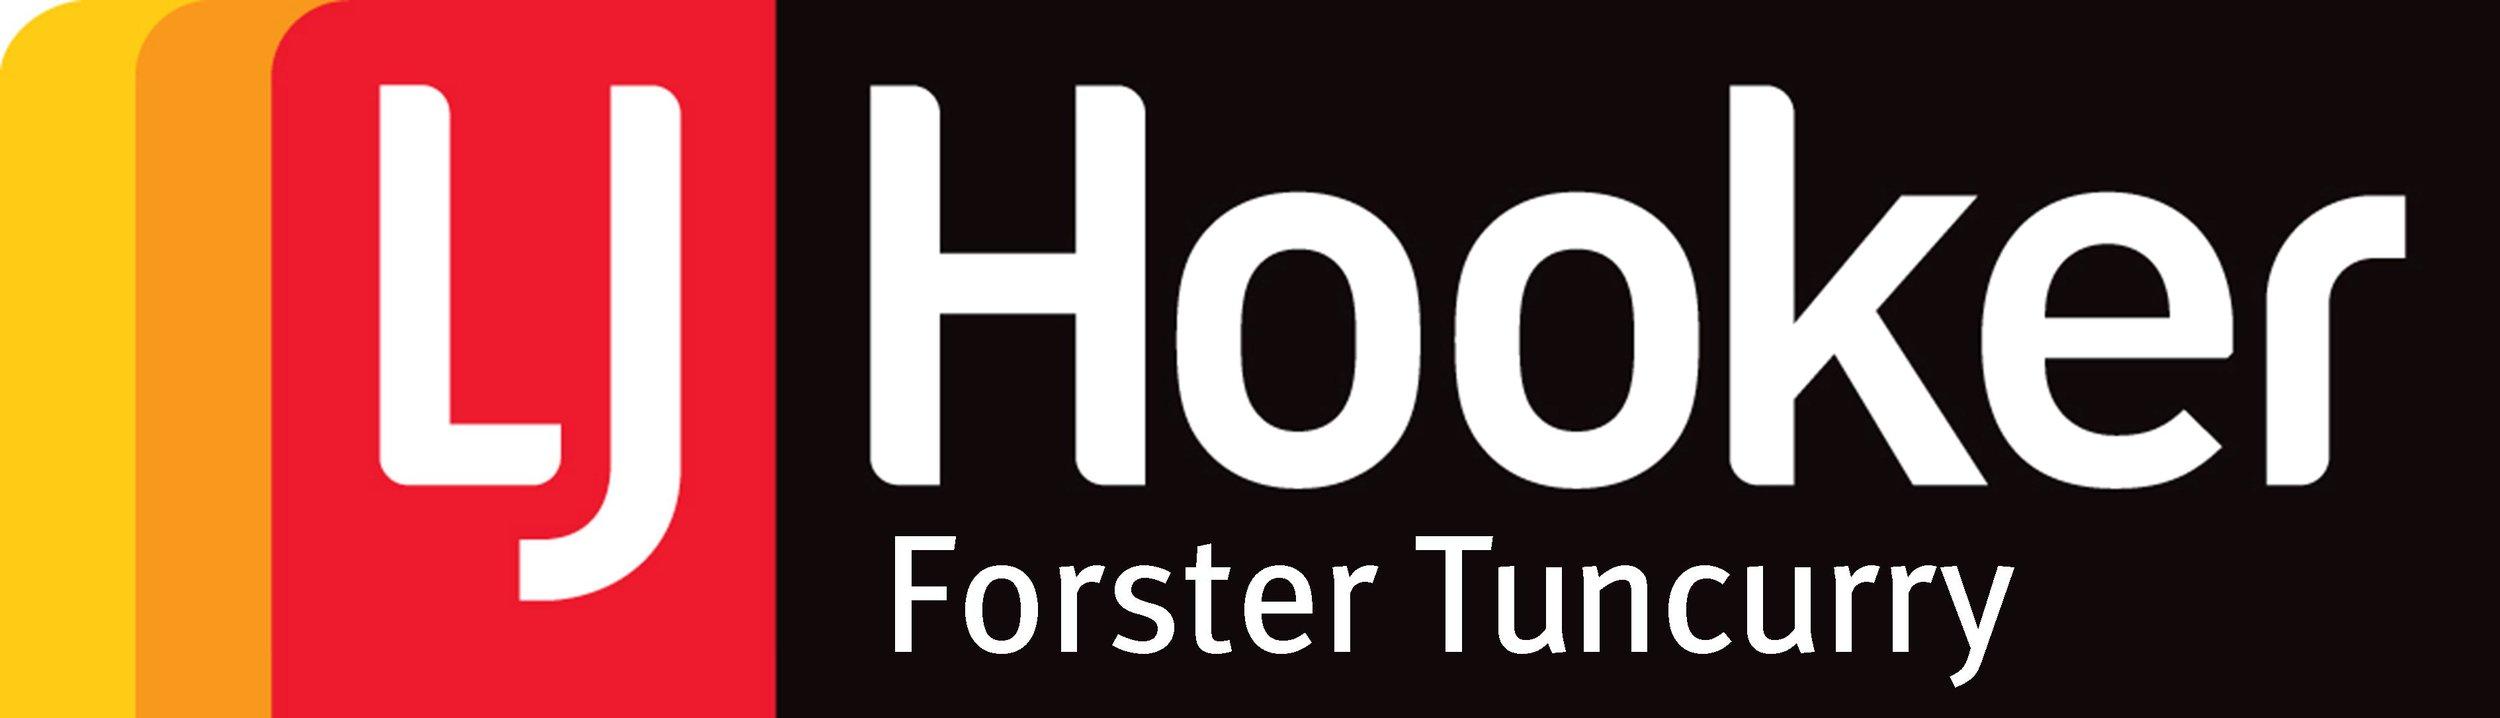 LJH LOGO  Forster Tuncurry.jpg